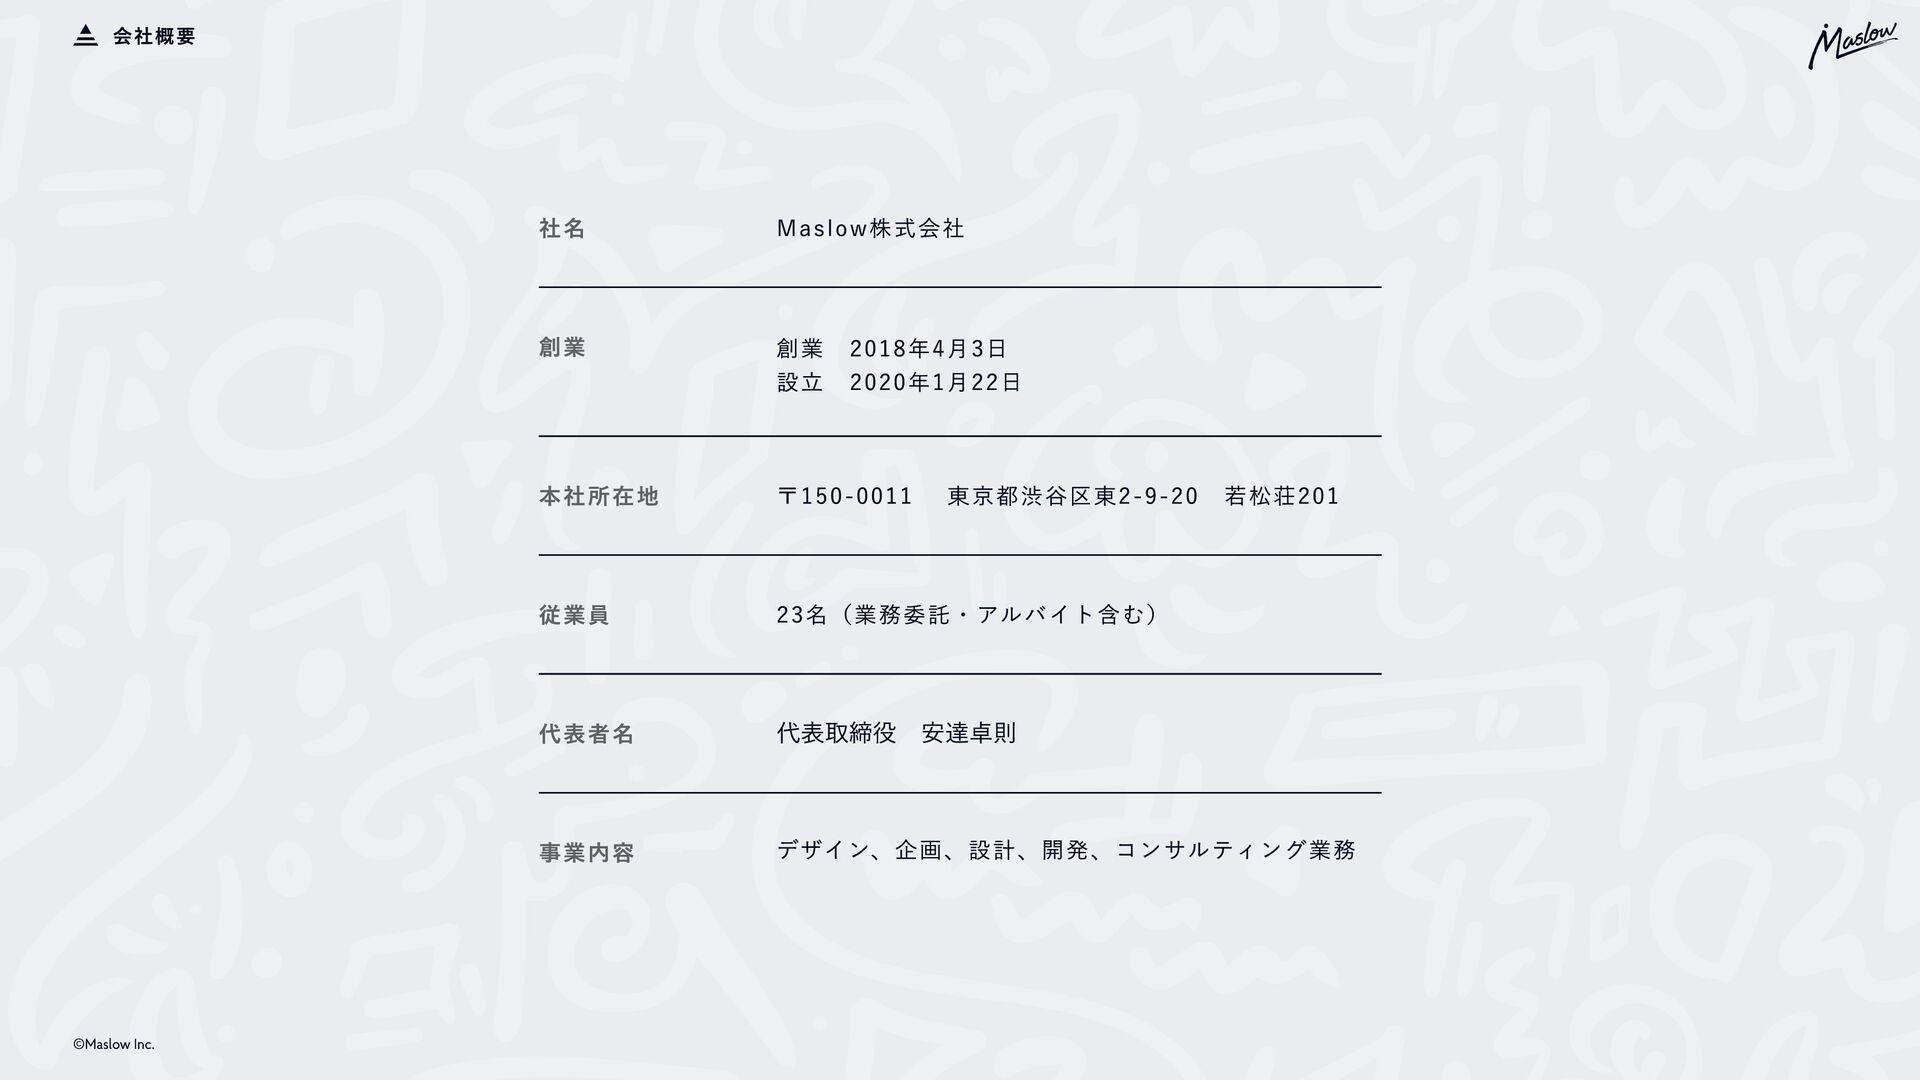 ©Maslow Inc. ざっくり沿革(設立〜現在まで) 11月 1月 3月 5月 2月 4月...